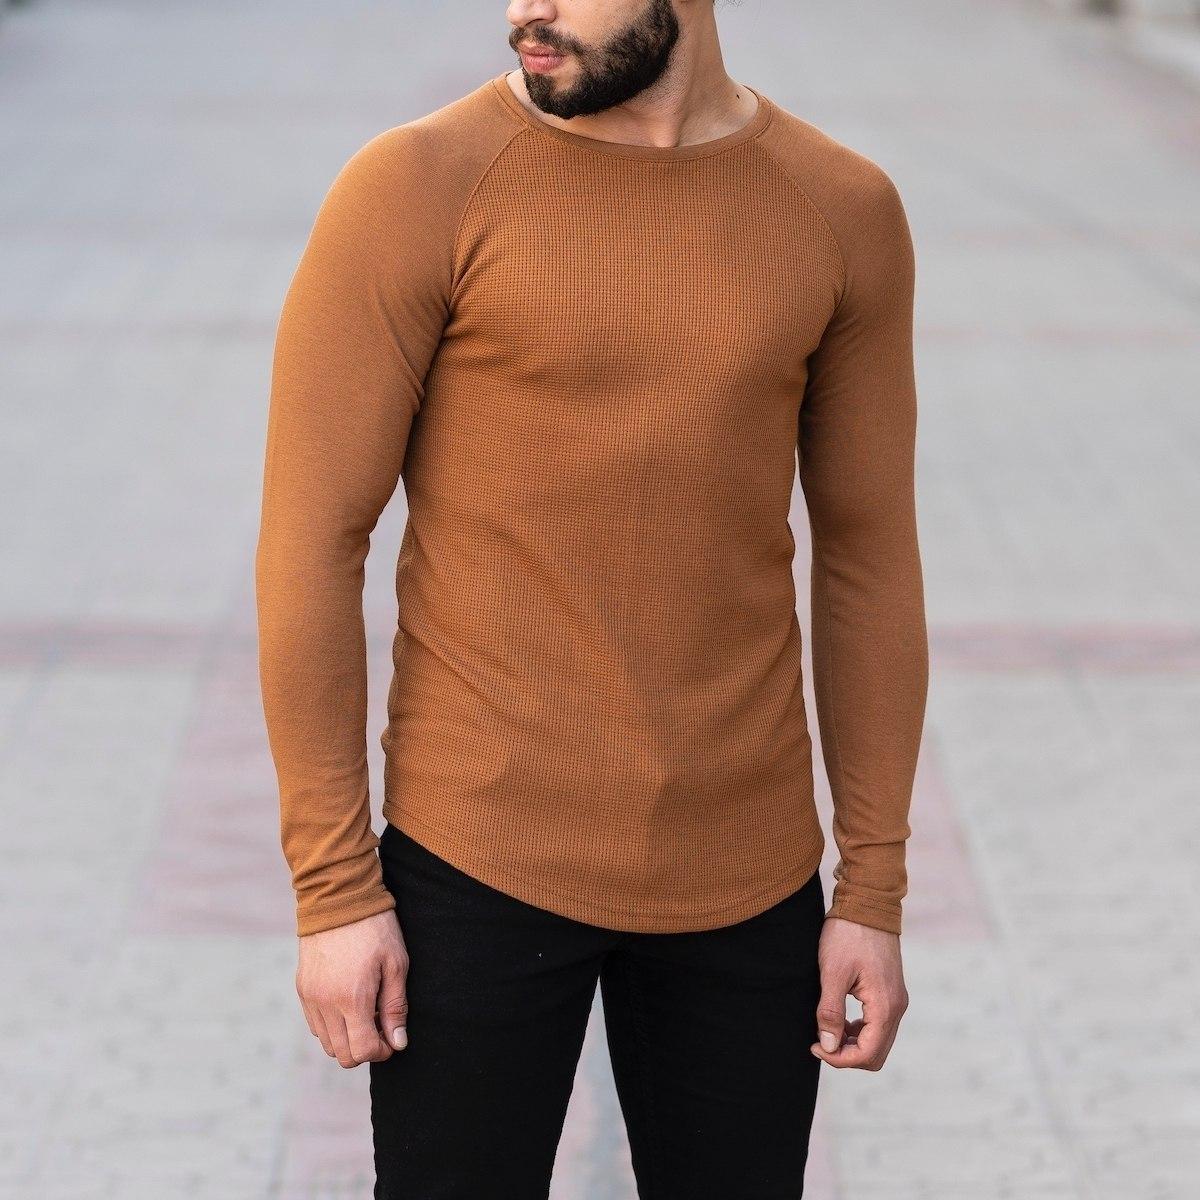 Dotwork Sweatshirt In Brown Mv Premium Brand - 1